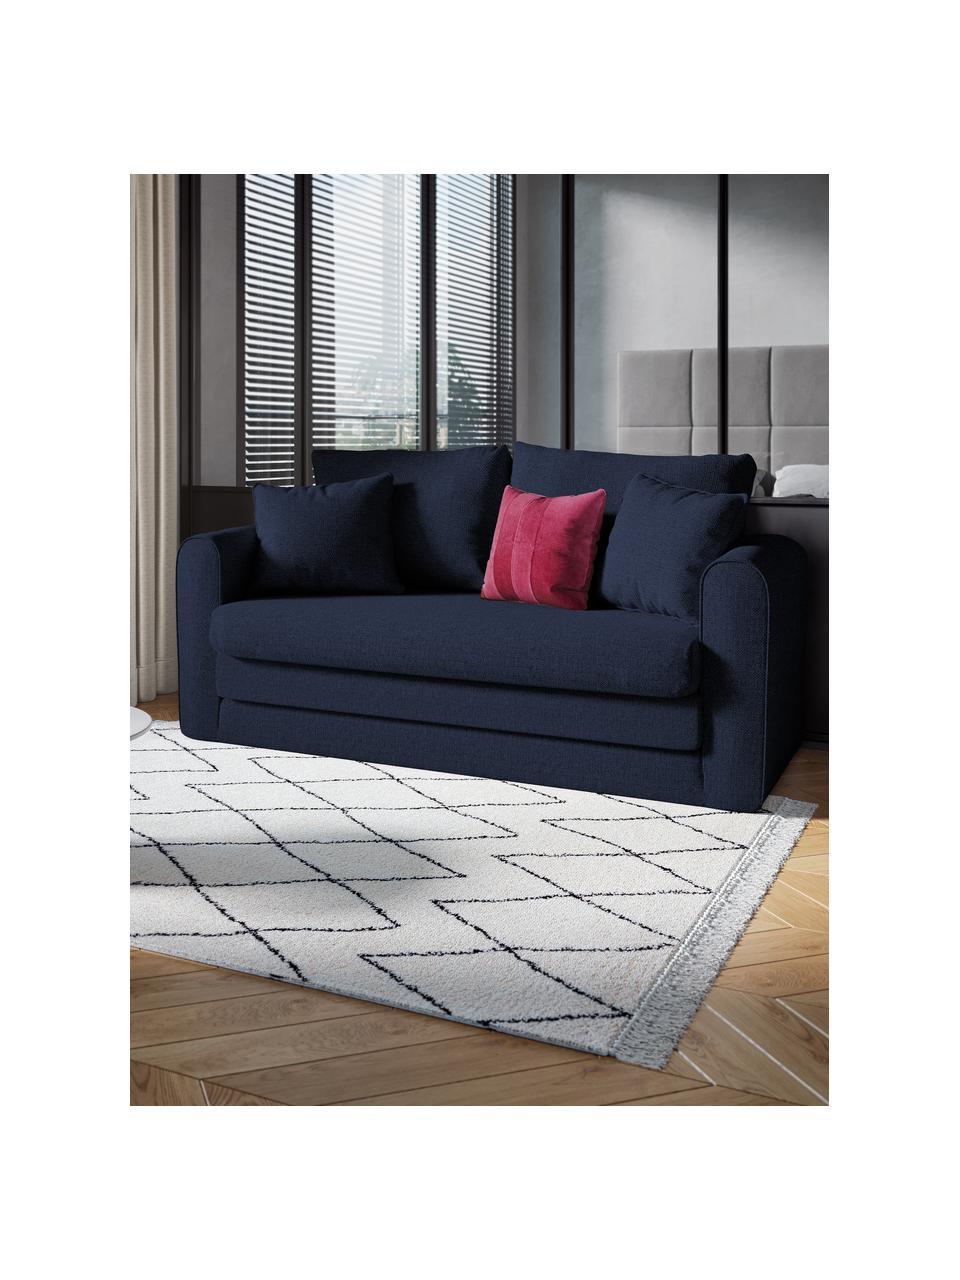 Divano letto 2 posti in tessuto grigio chiaro Lido, Blu scuro, Larg. 158 x Alt. 69 cm